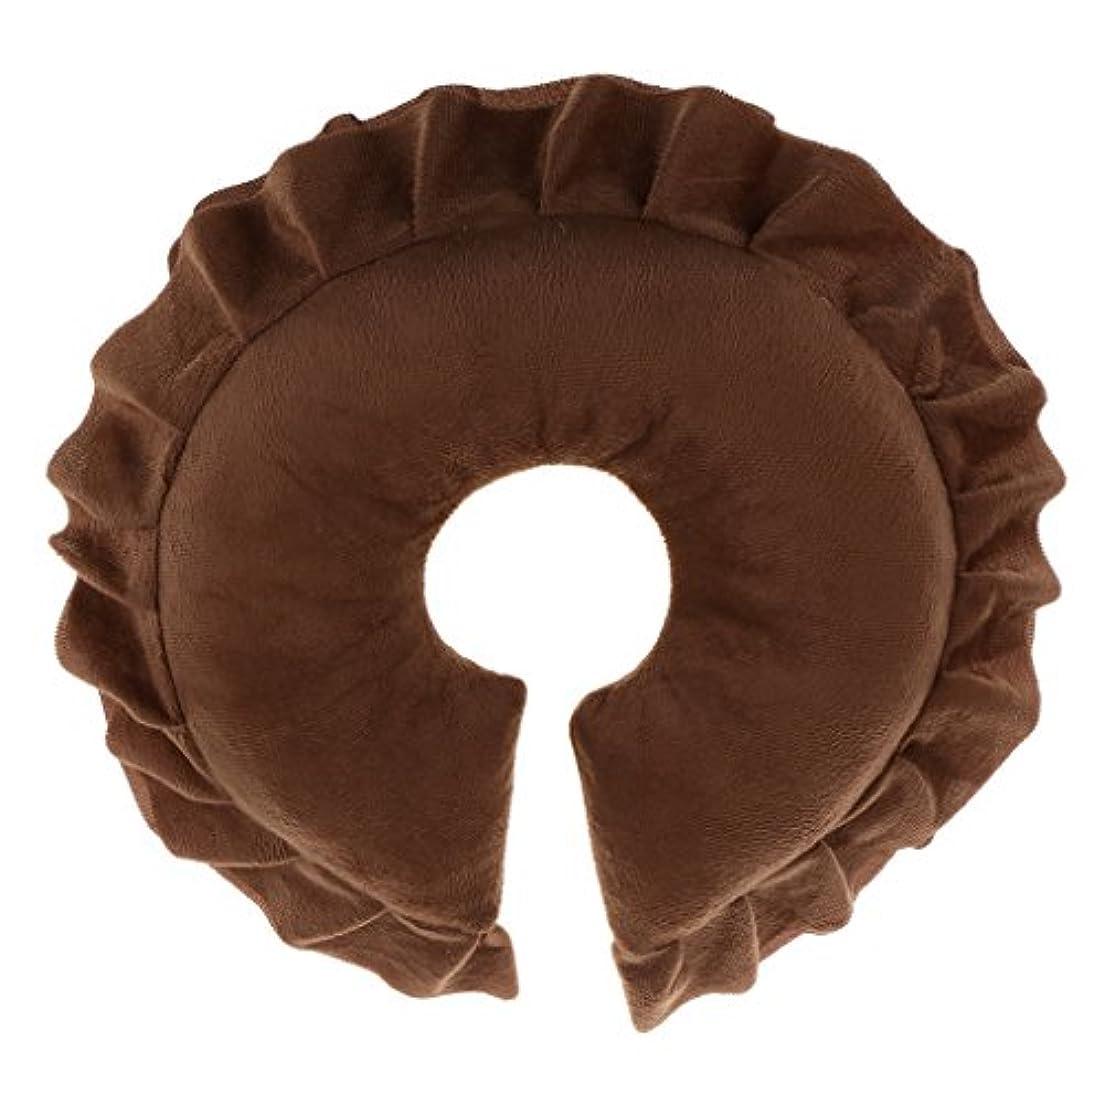 影のある回転ドリルサロン オフィス 顔、首、頭 クッション マッサージ 枕 洗濯可能カバー 全6色 - コーヒー